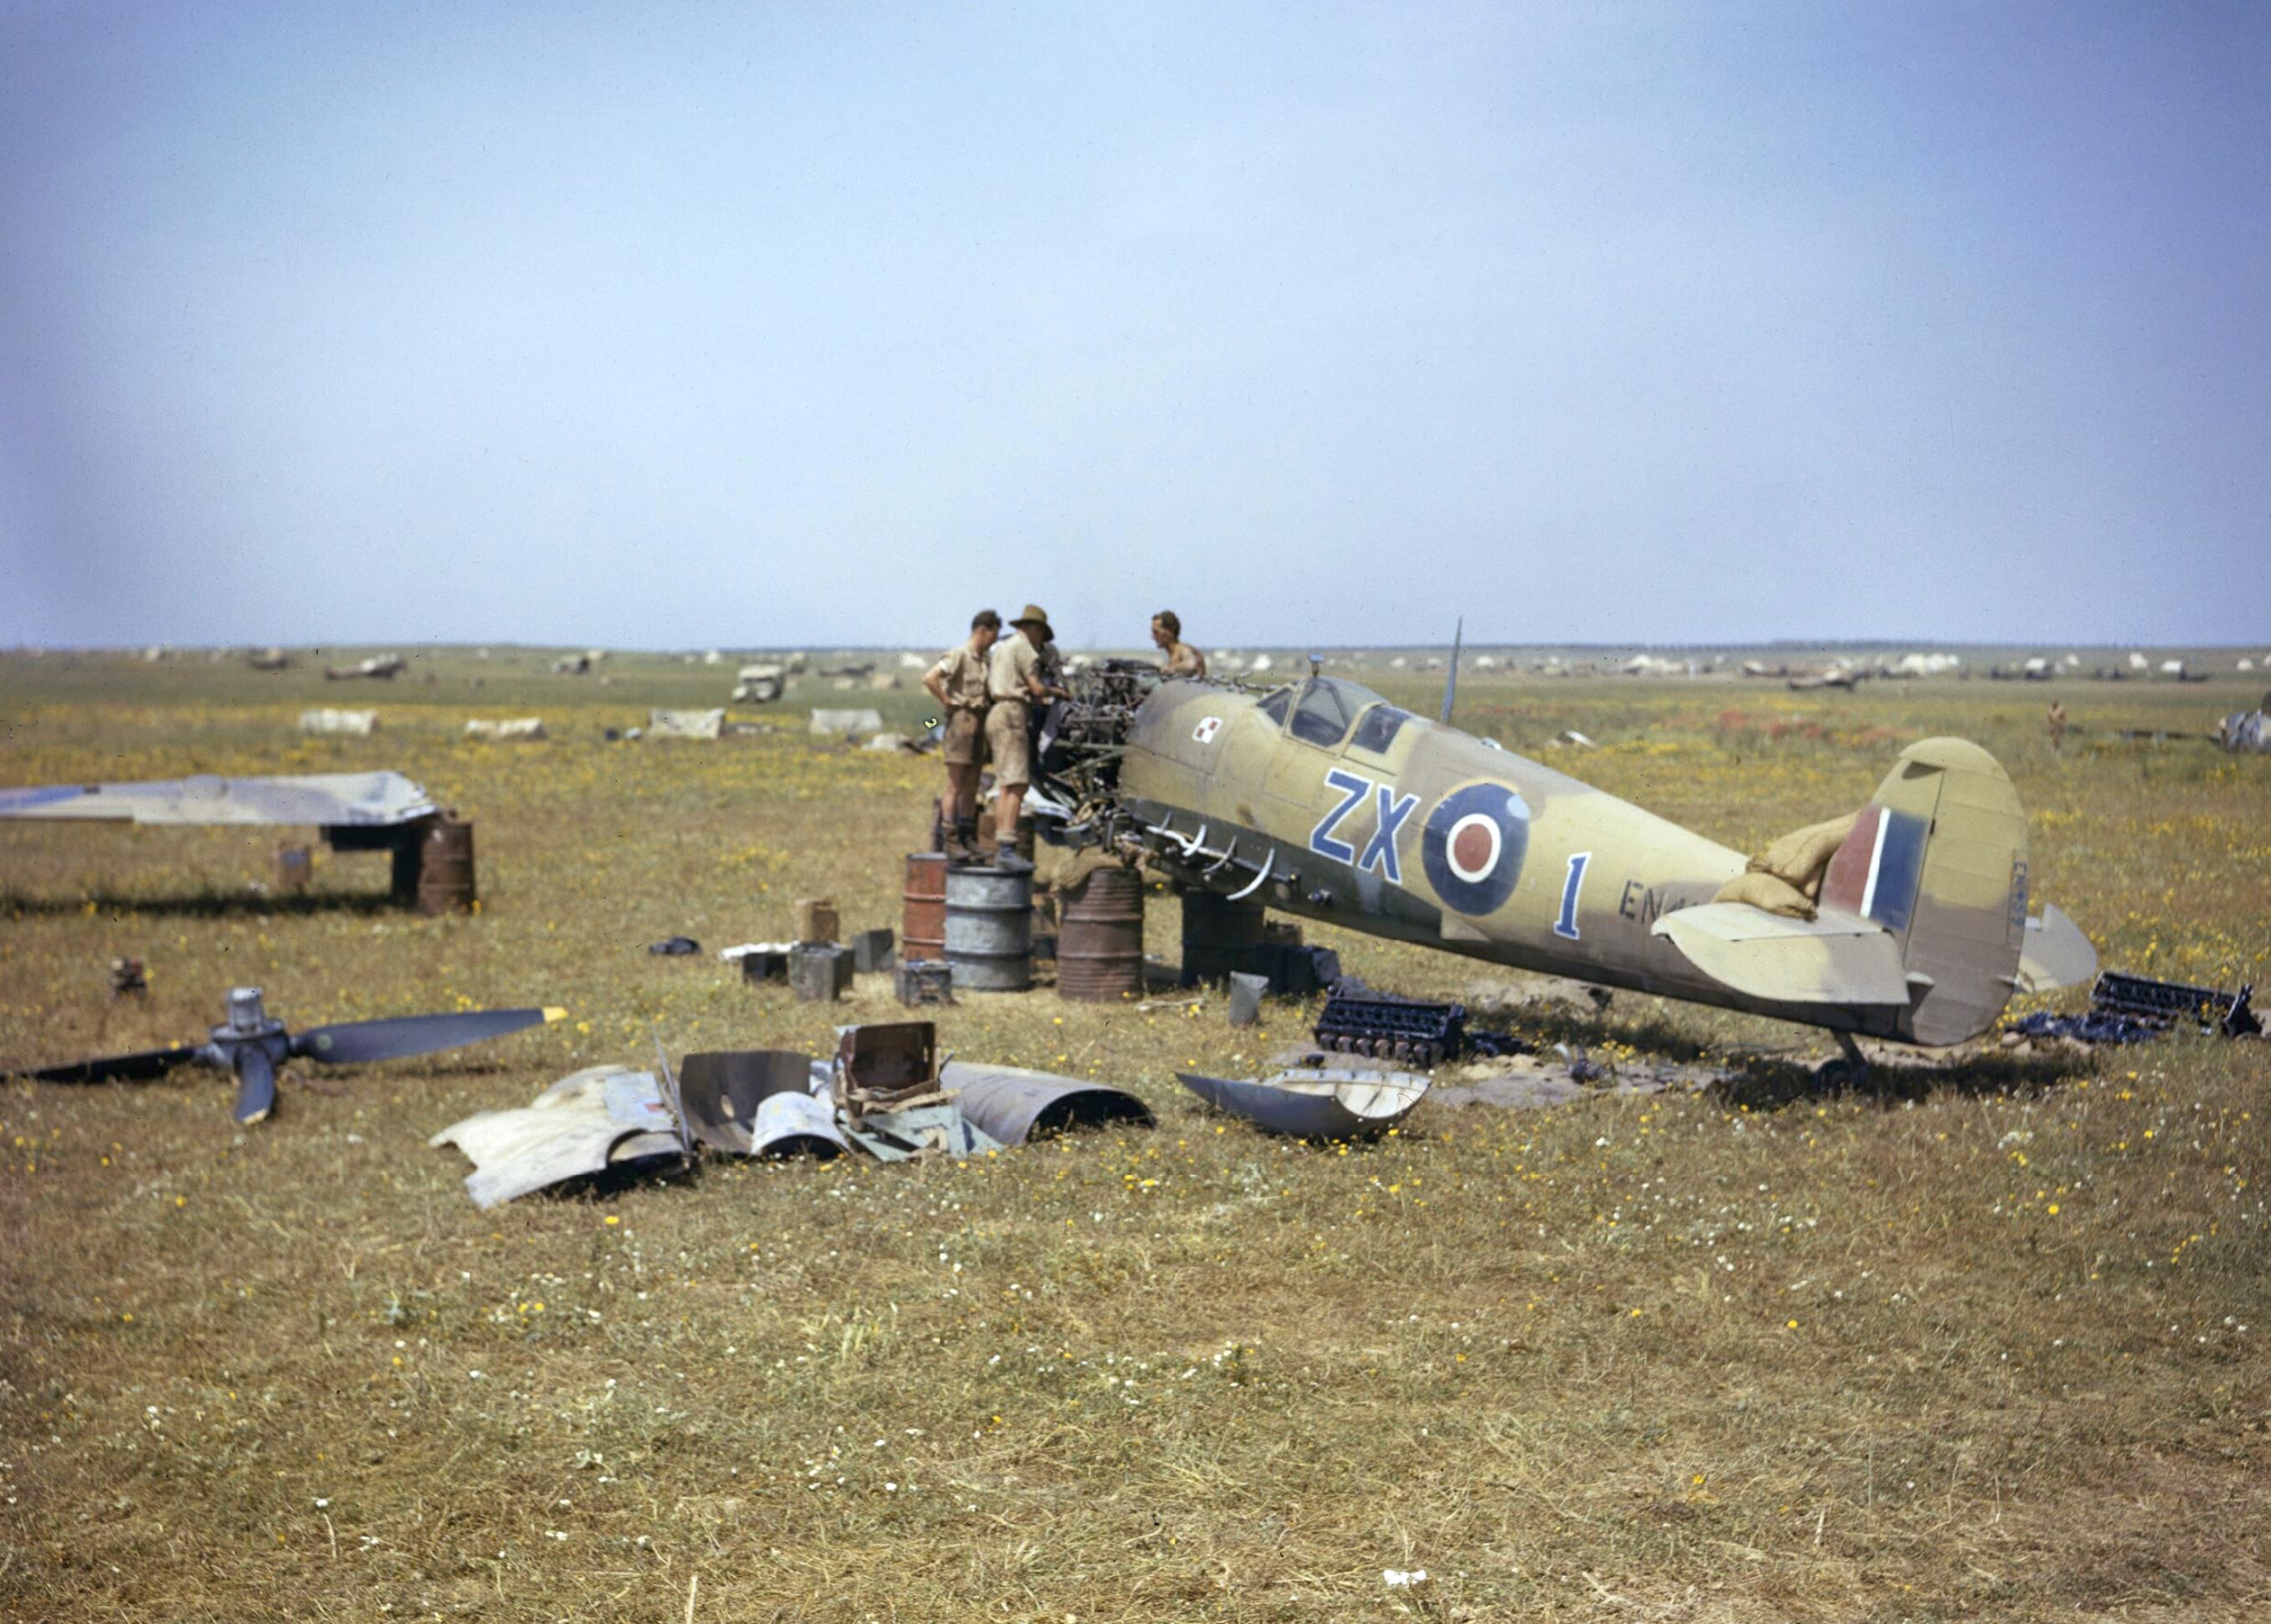 Spitfire MkIX RAF 145Sqn ZX1 EN459 at Gabes Tunisia April 1943 IWM TR1008